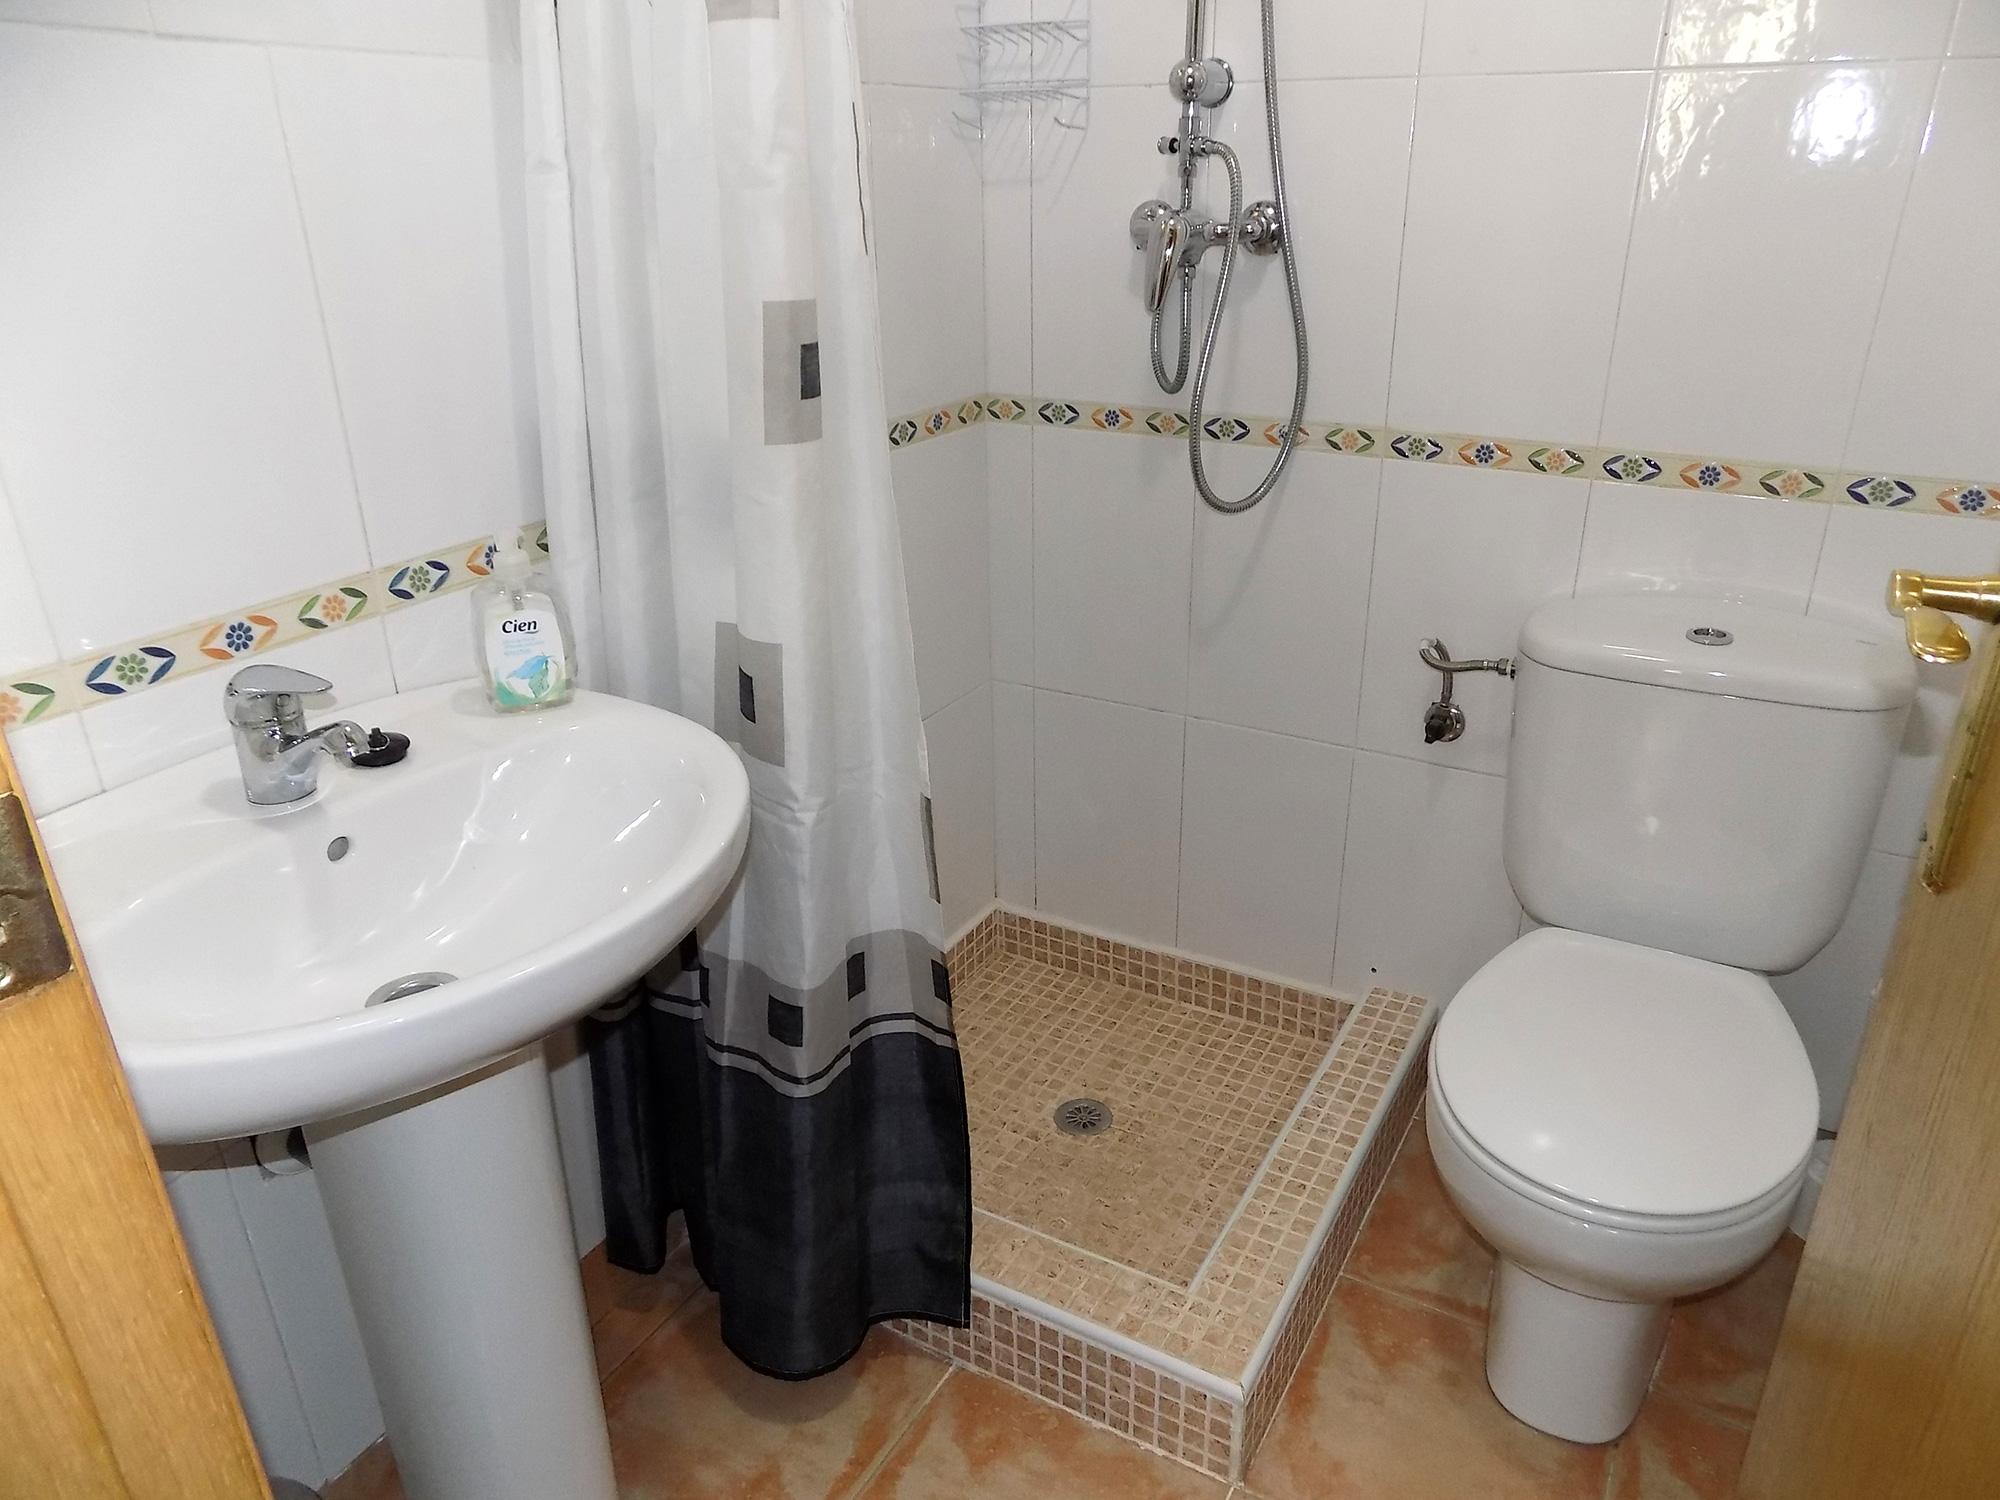 Det mindre badeværelse